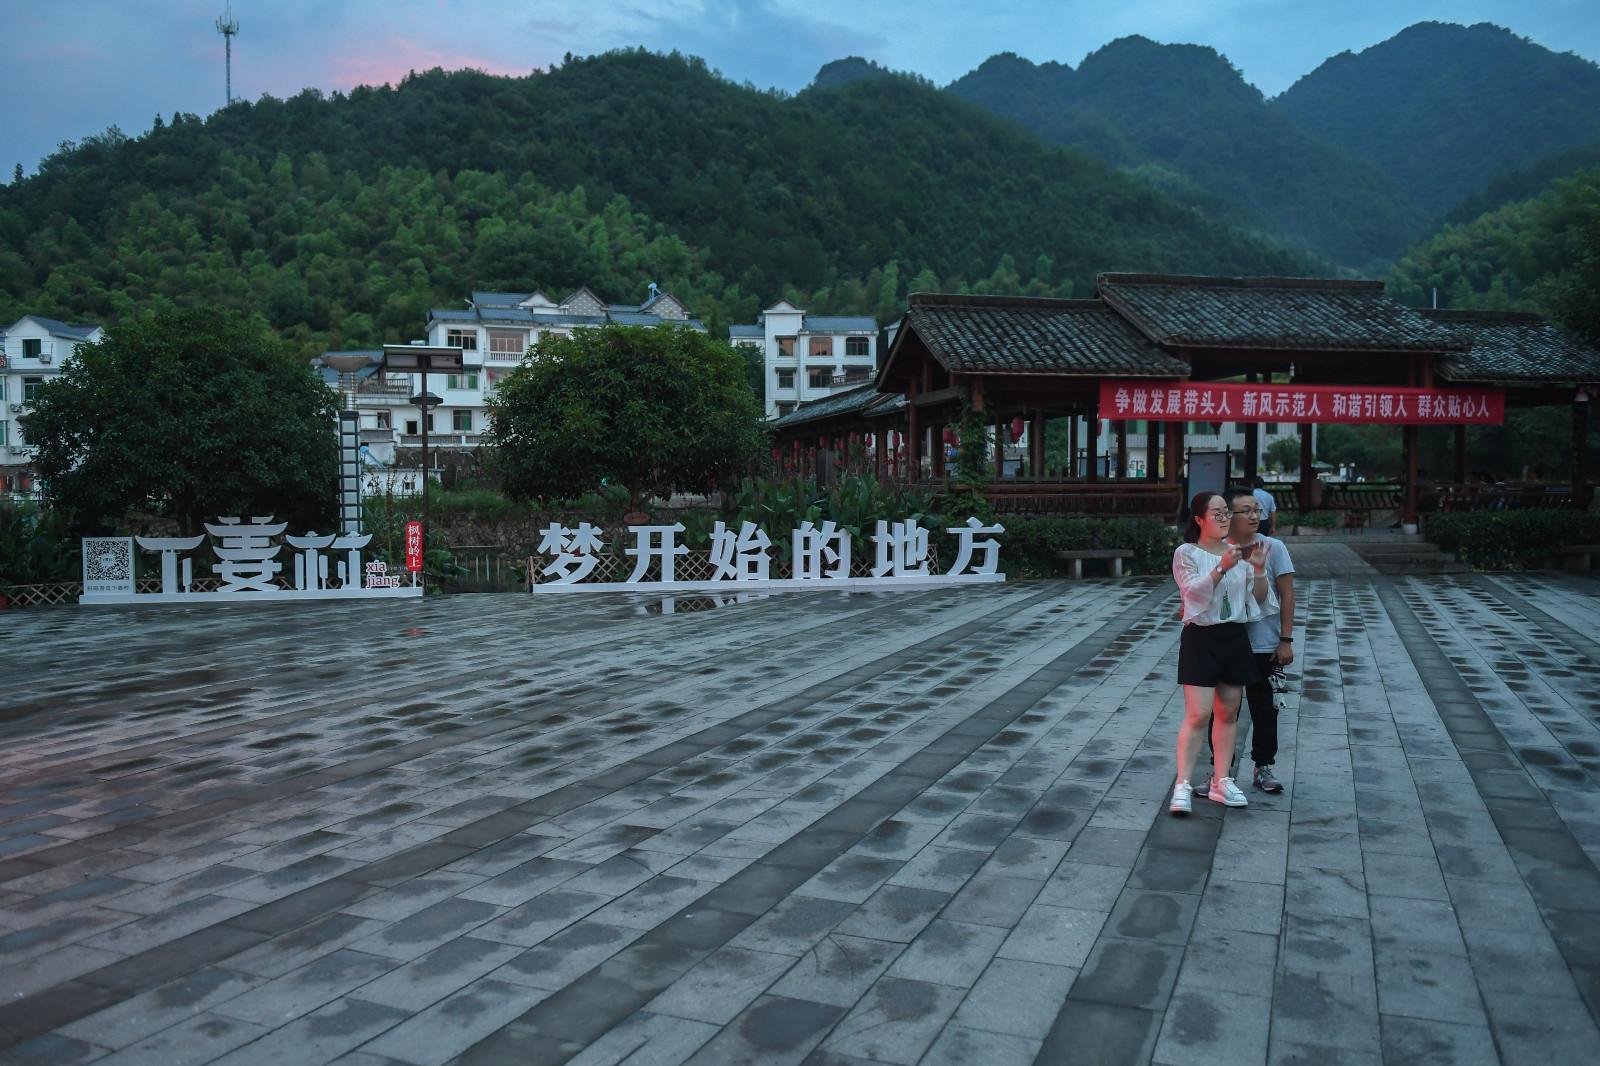 游客在下姜村的小广场游览(2017年8月9日摄)。新华社记者 黄宗治 摄